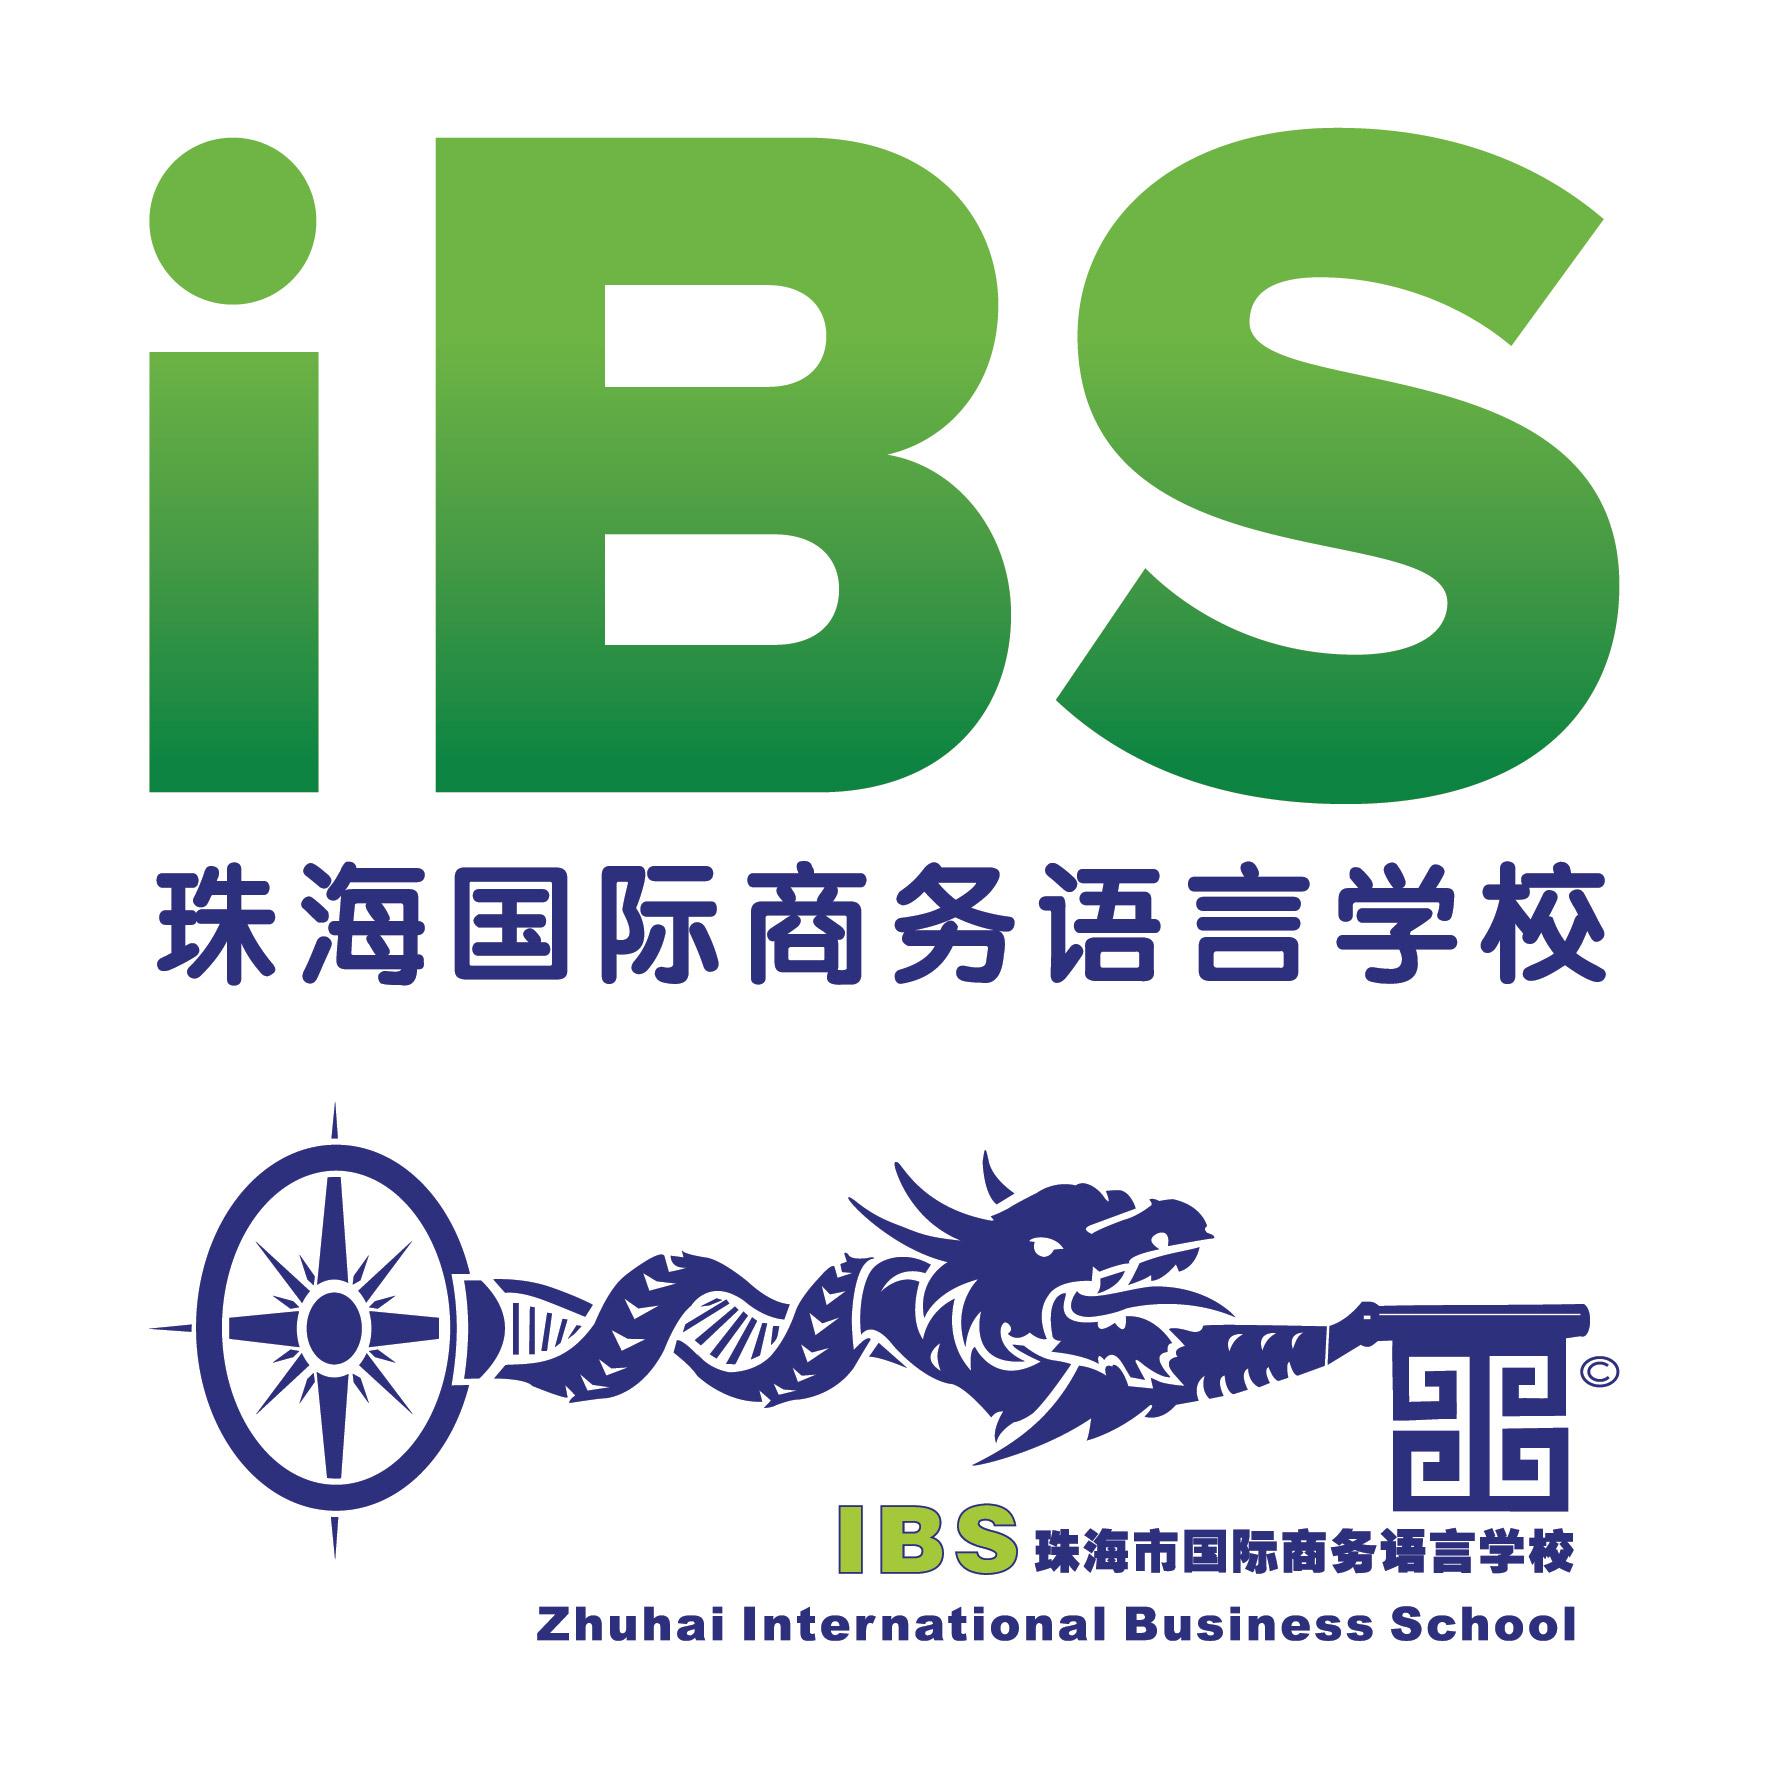 IBS英国硕士预科1+1课程 - 珠海国际商务外国语培训学院